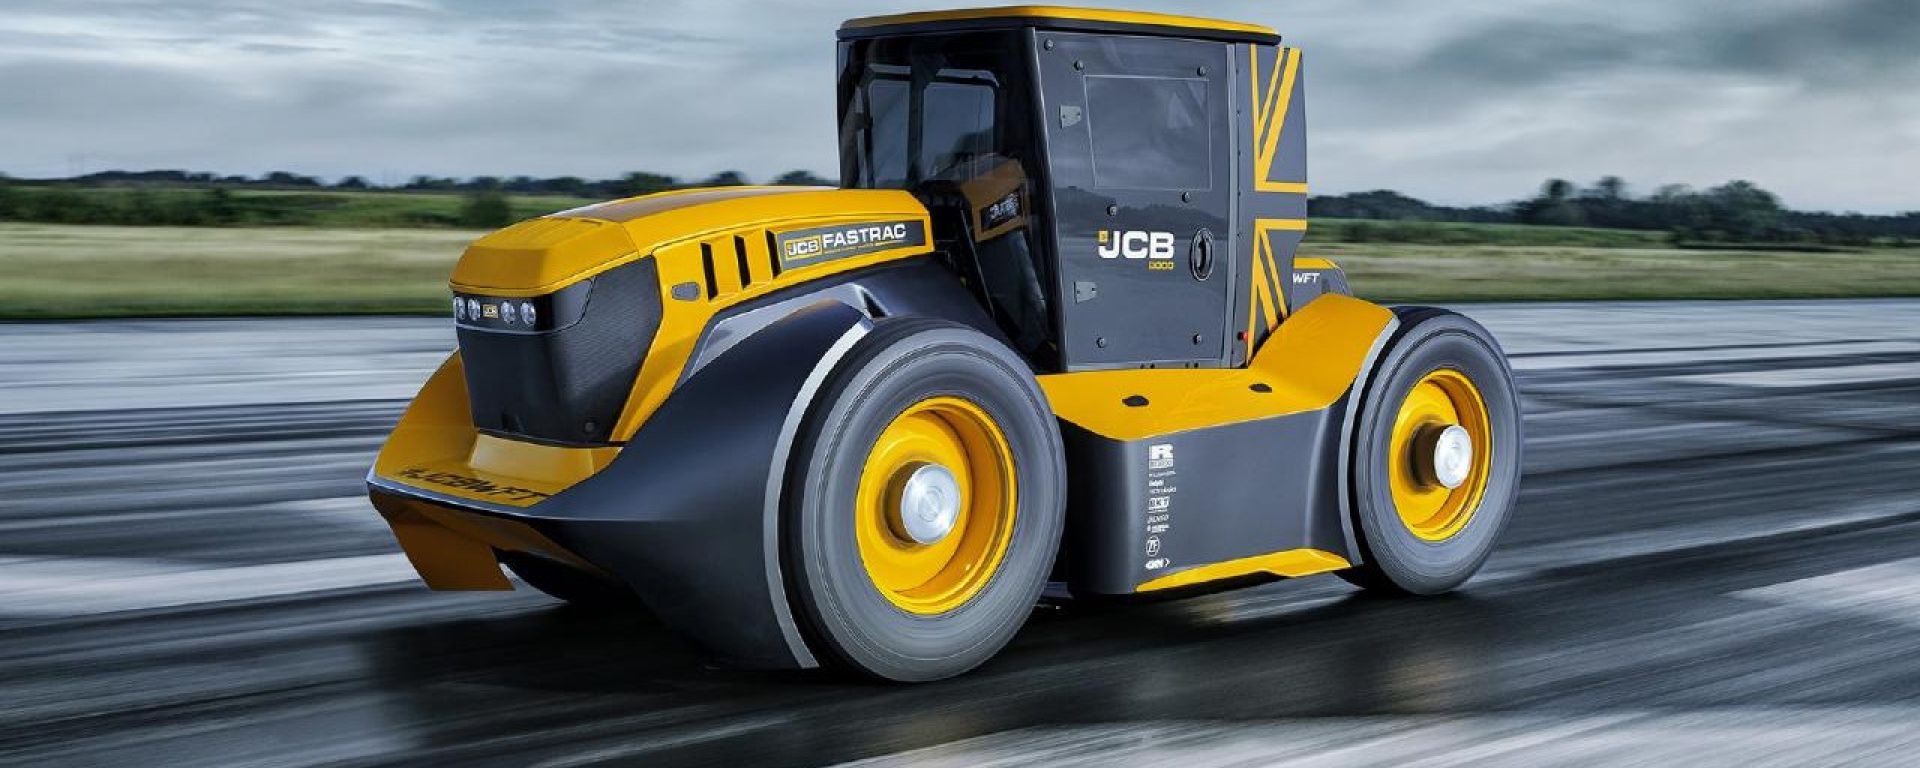 JCB Fastrac 800 elaborato da Williams F1